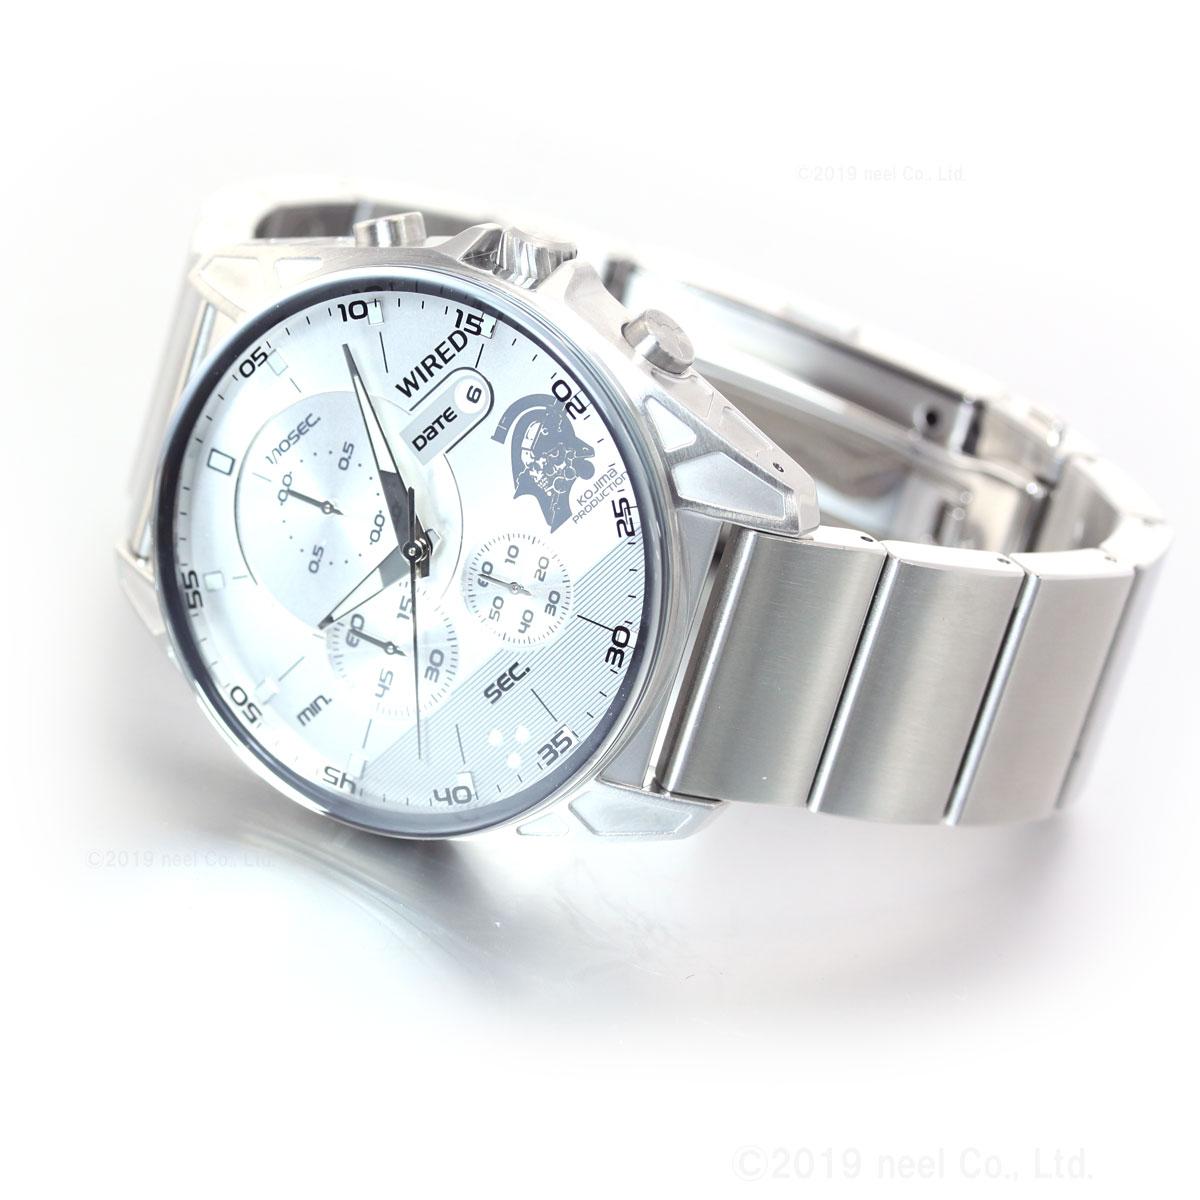 セイコー ワイアード SEIKO WIRED×wena コジマプロダクション ルーデンス コラボ 限定モデル スマートウオッチ 腕時計 メンズ クロノグラフ AGAT730